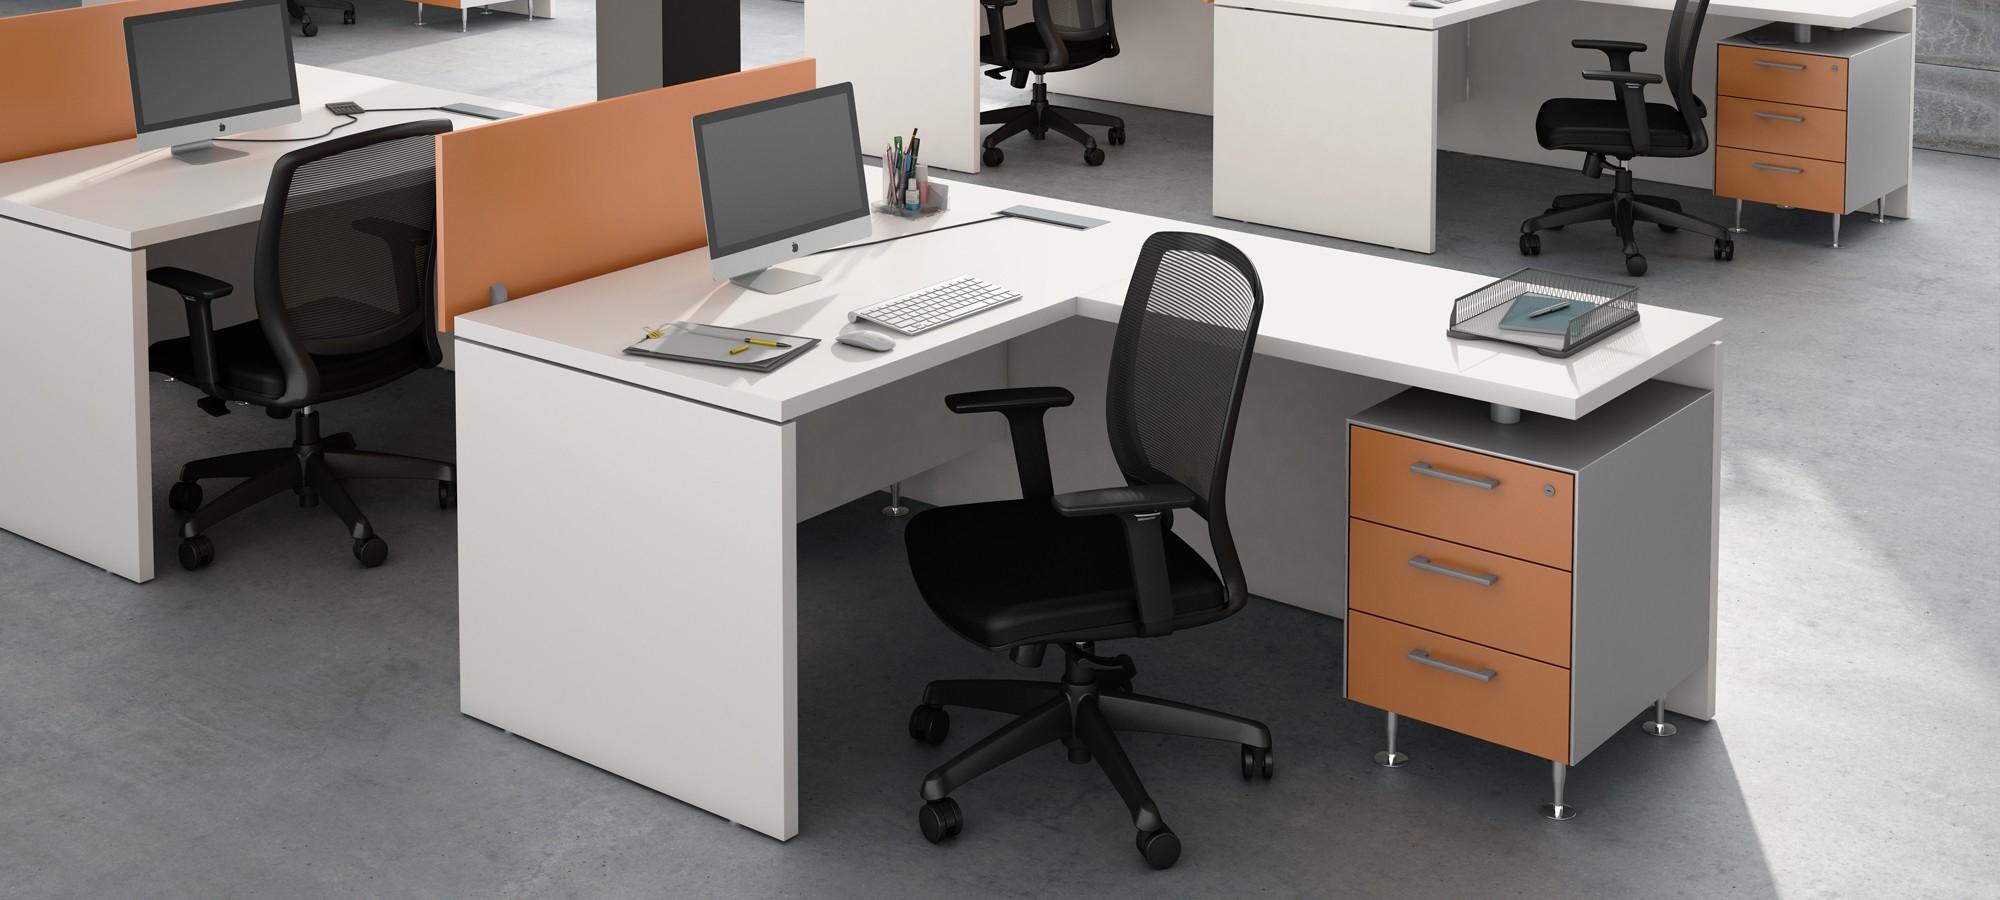 Mesas De Despacho Baratas X8d1 Mesas Oficina Estudio Y Despacho De Catà Logo 2018 De Ofiprix